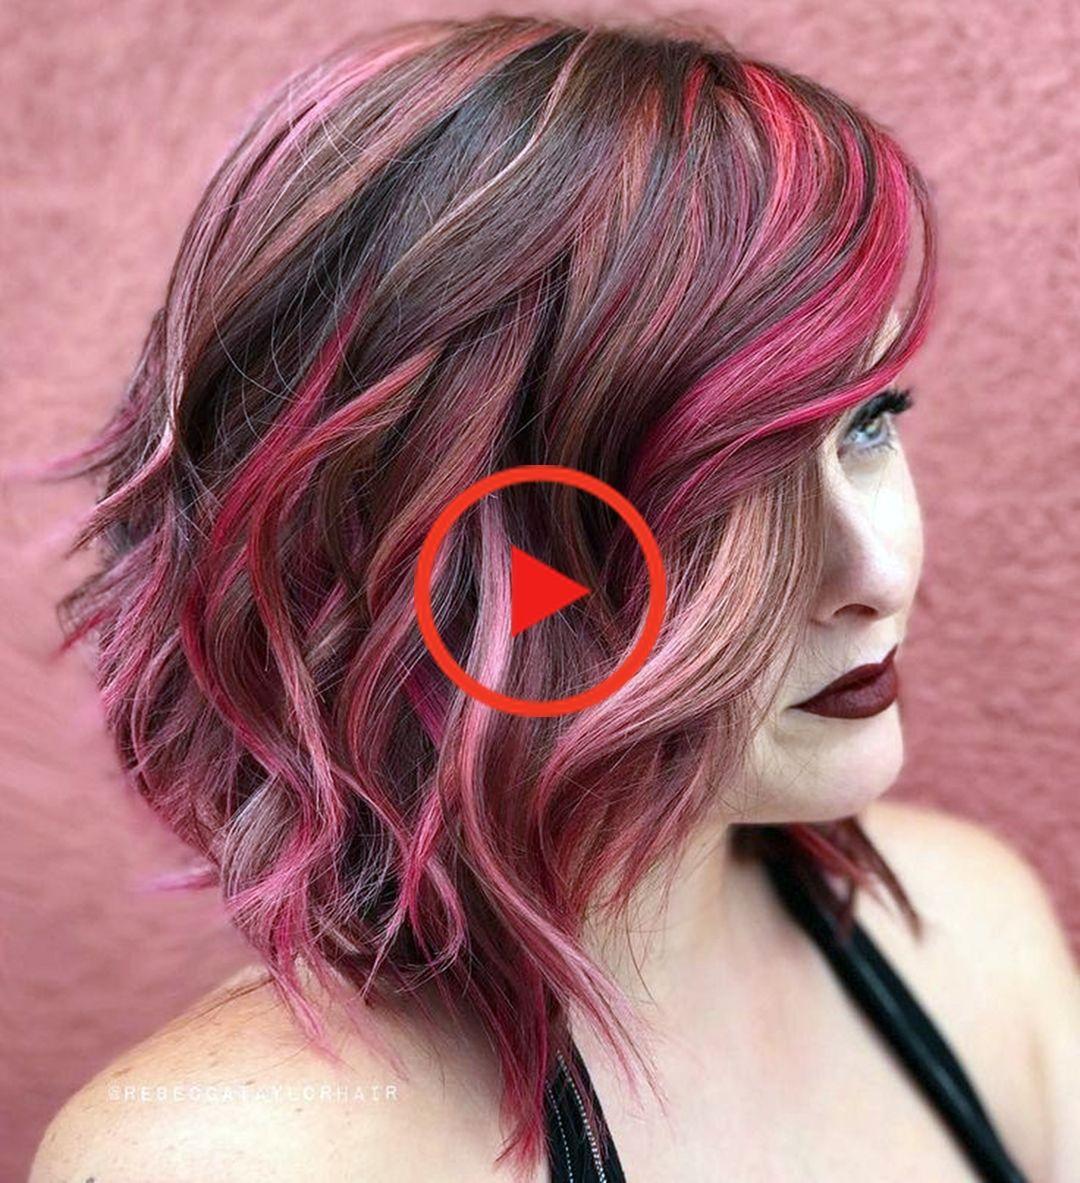 13 Hubsches Kurz Braun Rotes Haar Mit Ebenen Sie Mussen Versuchen In 2020 Long Hair Styles Red Brown Hair Layered Hair